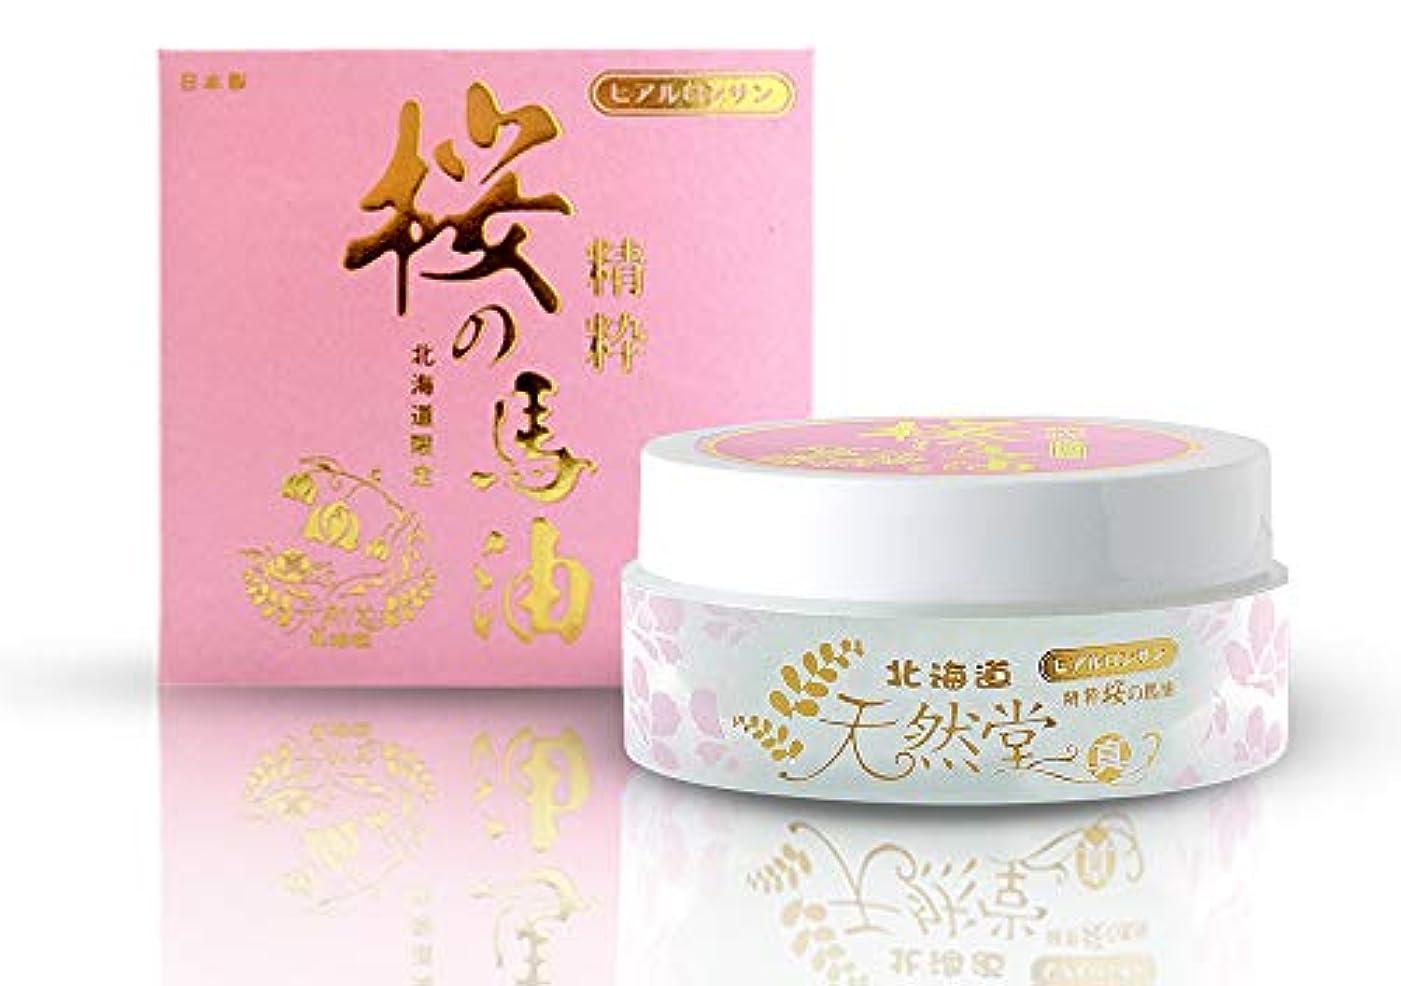 系譜新年愛国的な精粋桜の馬油クリーム 80g / 北海道天然堂